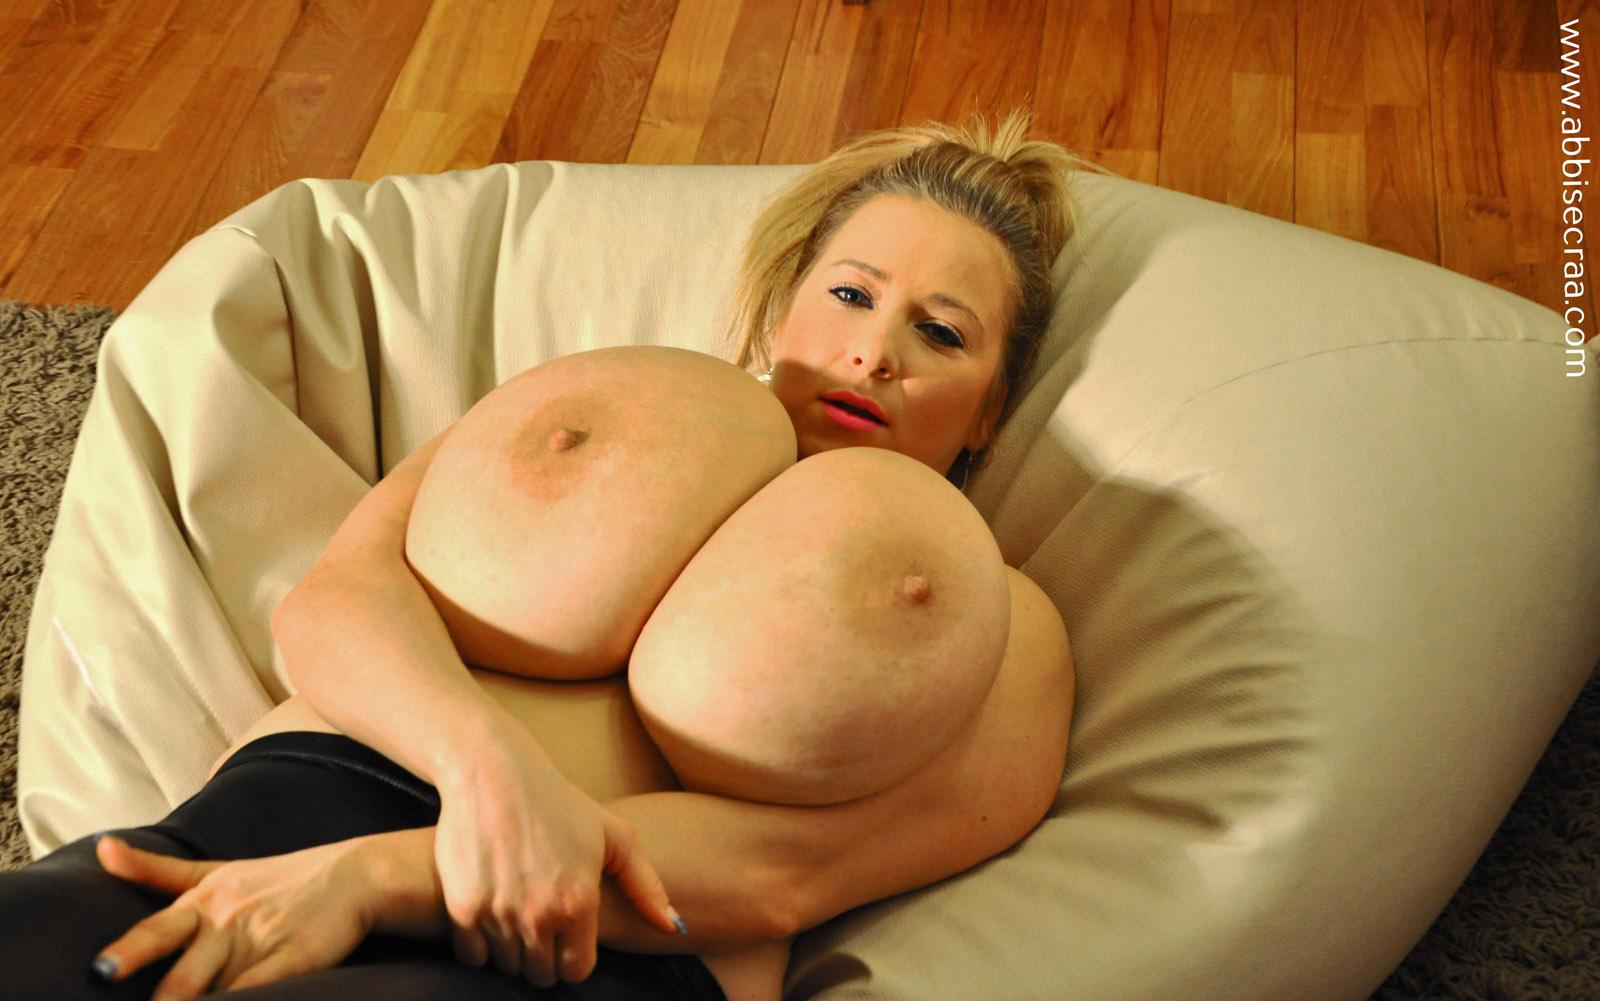 Magnificent idea Big boobs abbi secraa cumshot share